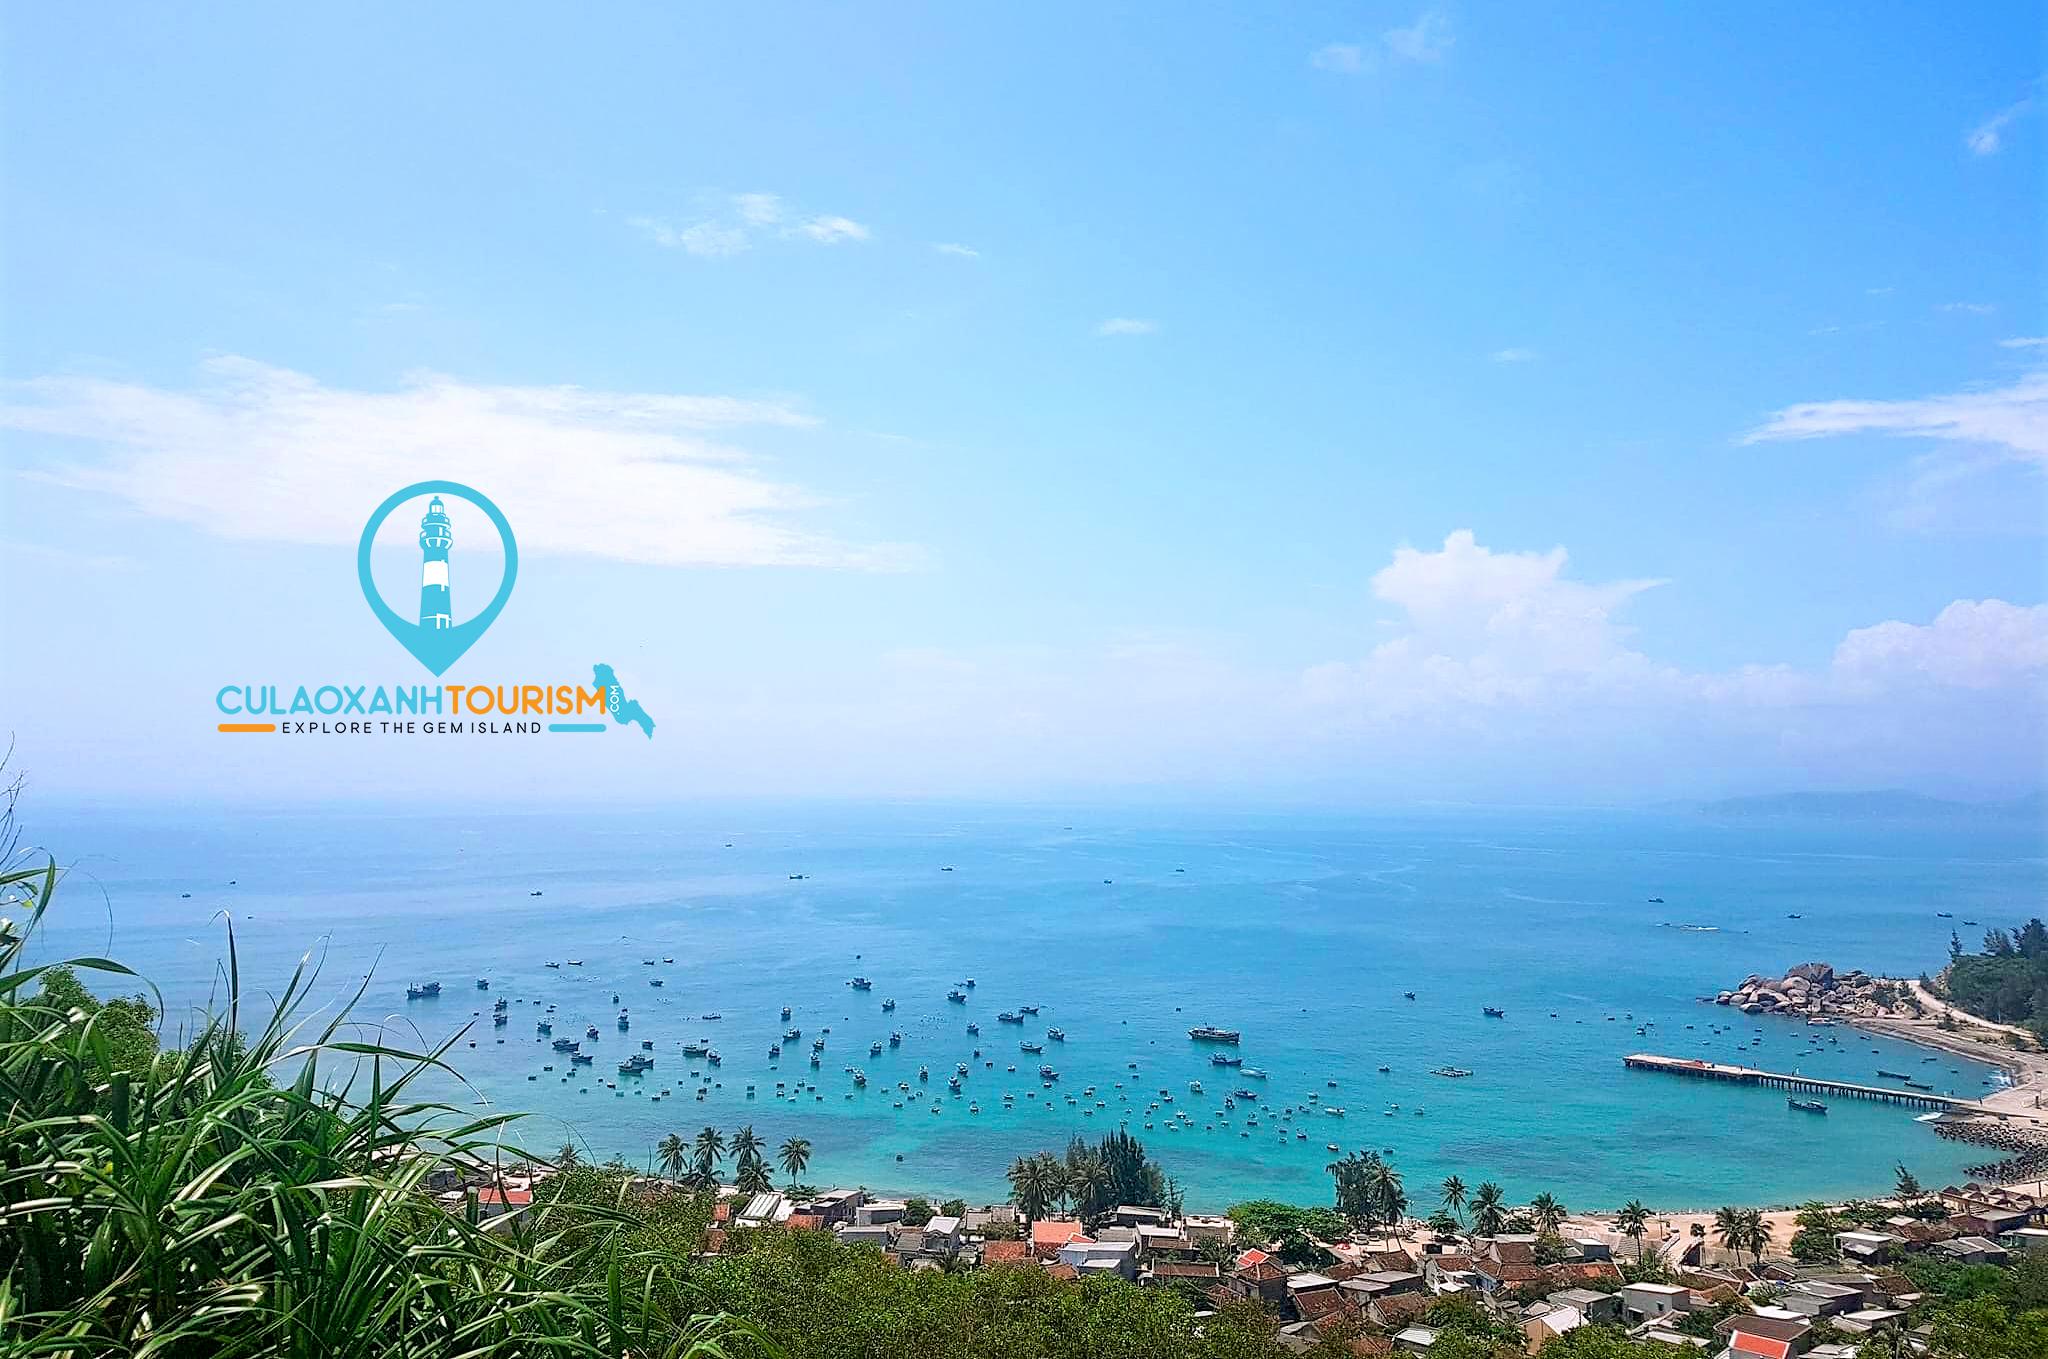 Cù Lao Xanh – Hòn đảo hoang sơ và yên bình. Hòn ngọc xanh của Quy Nhơn